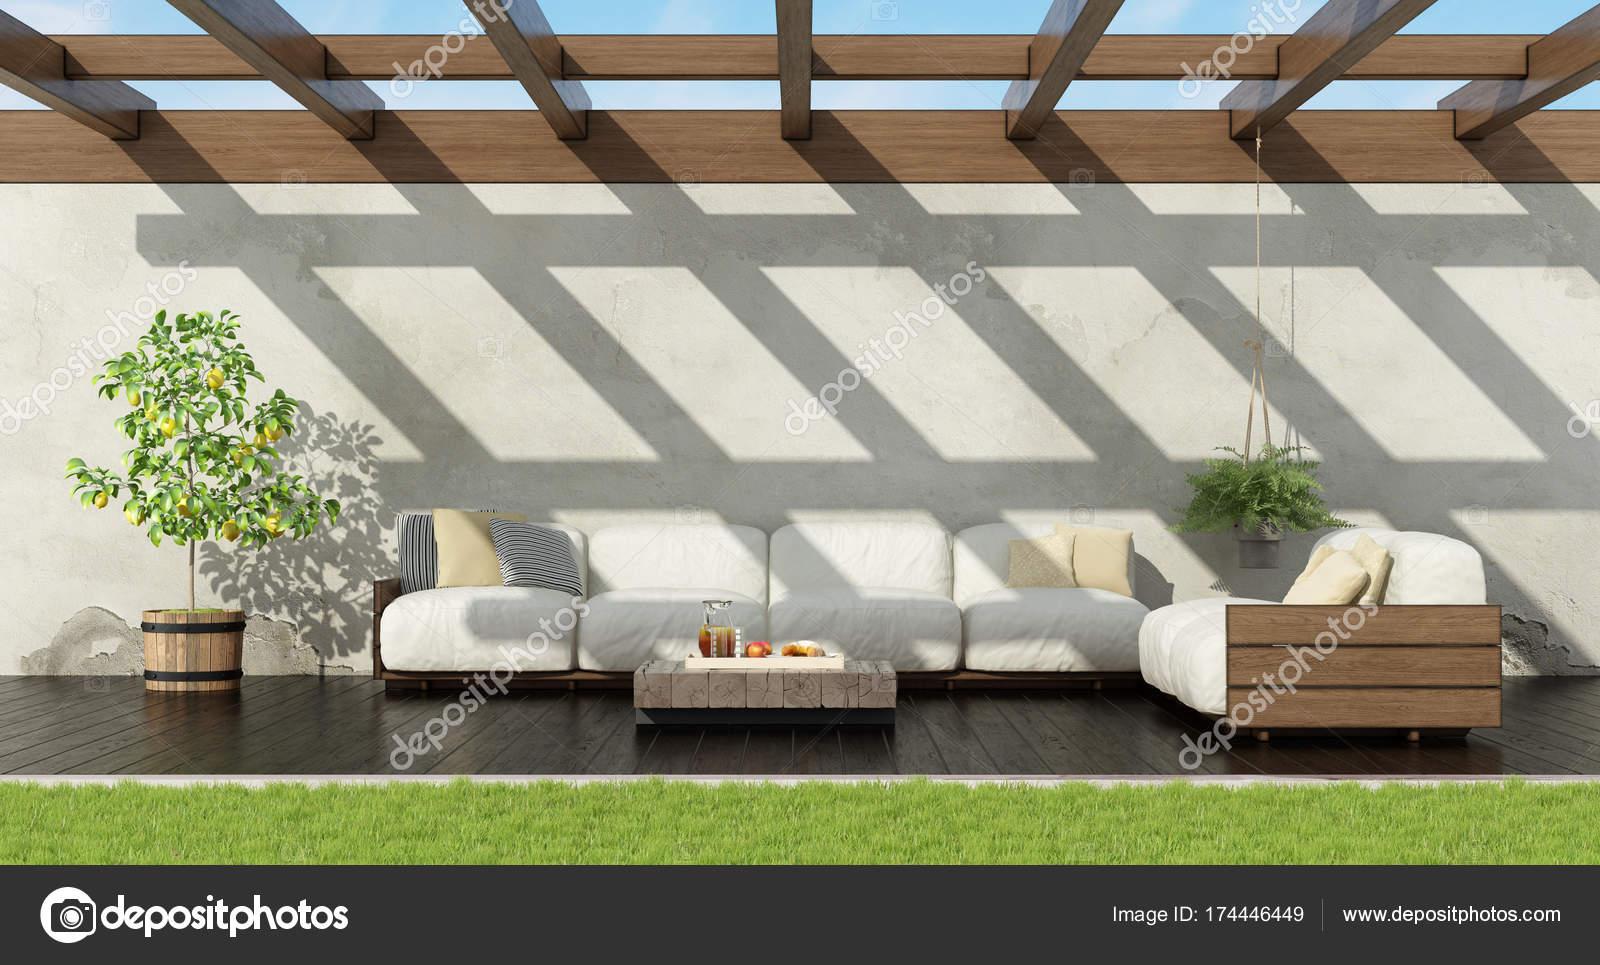 Divano Pallet Esterno : Giardino con divano bianco pallet u2014 foto stock © archideaphoto